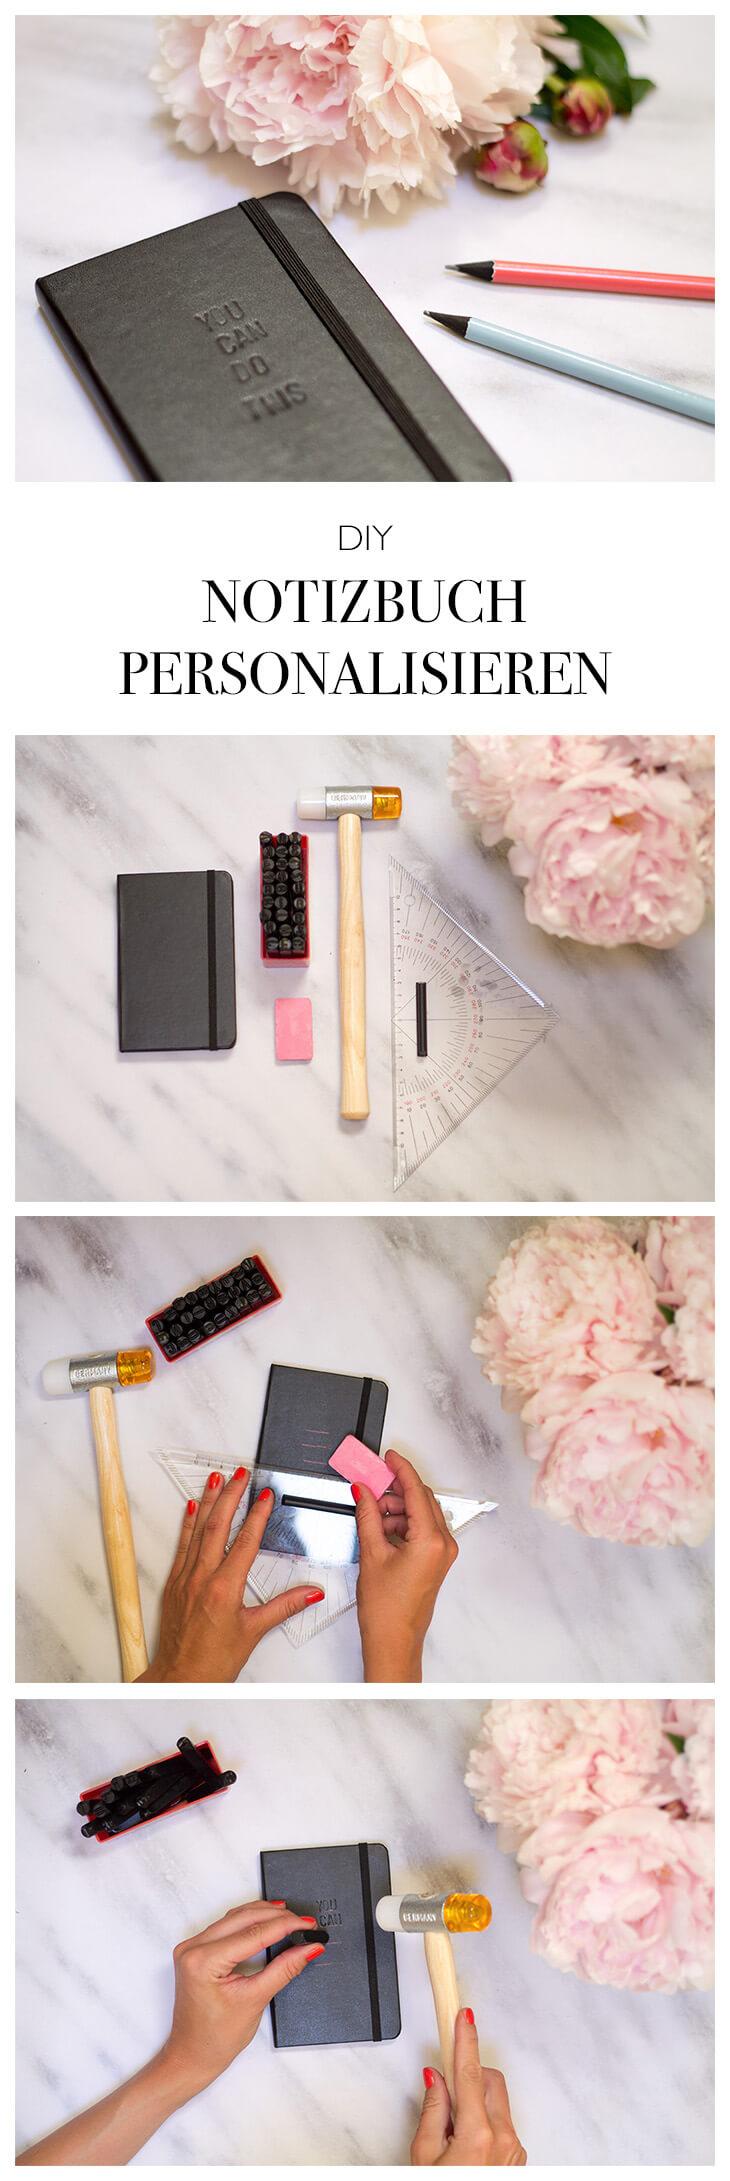 DIY Geschenk selber machen Anleitung Notizbuch personalisieren mit Prägebuchstaben - DIY Blog lindaloves